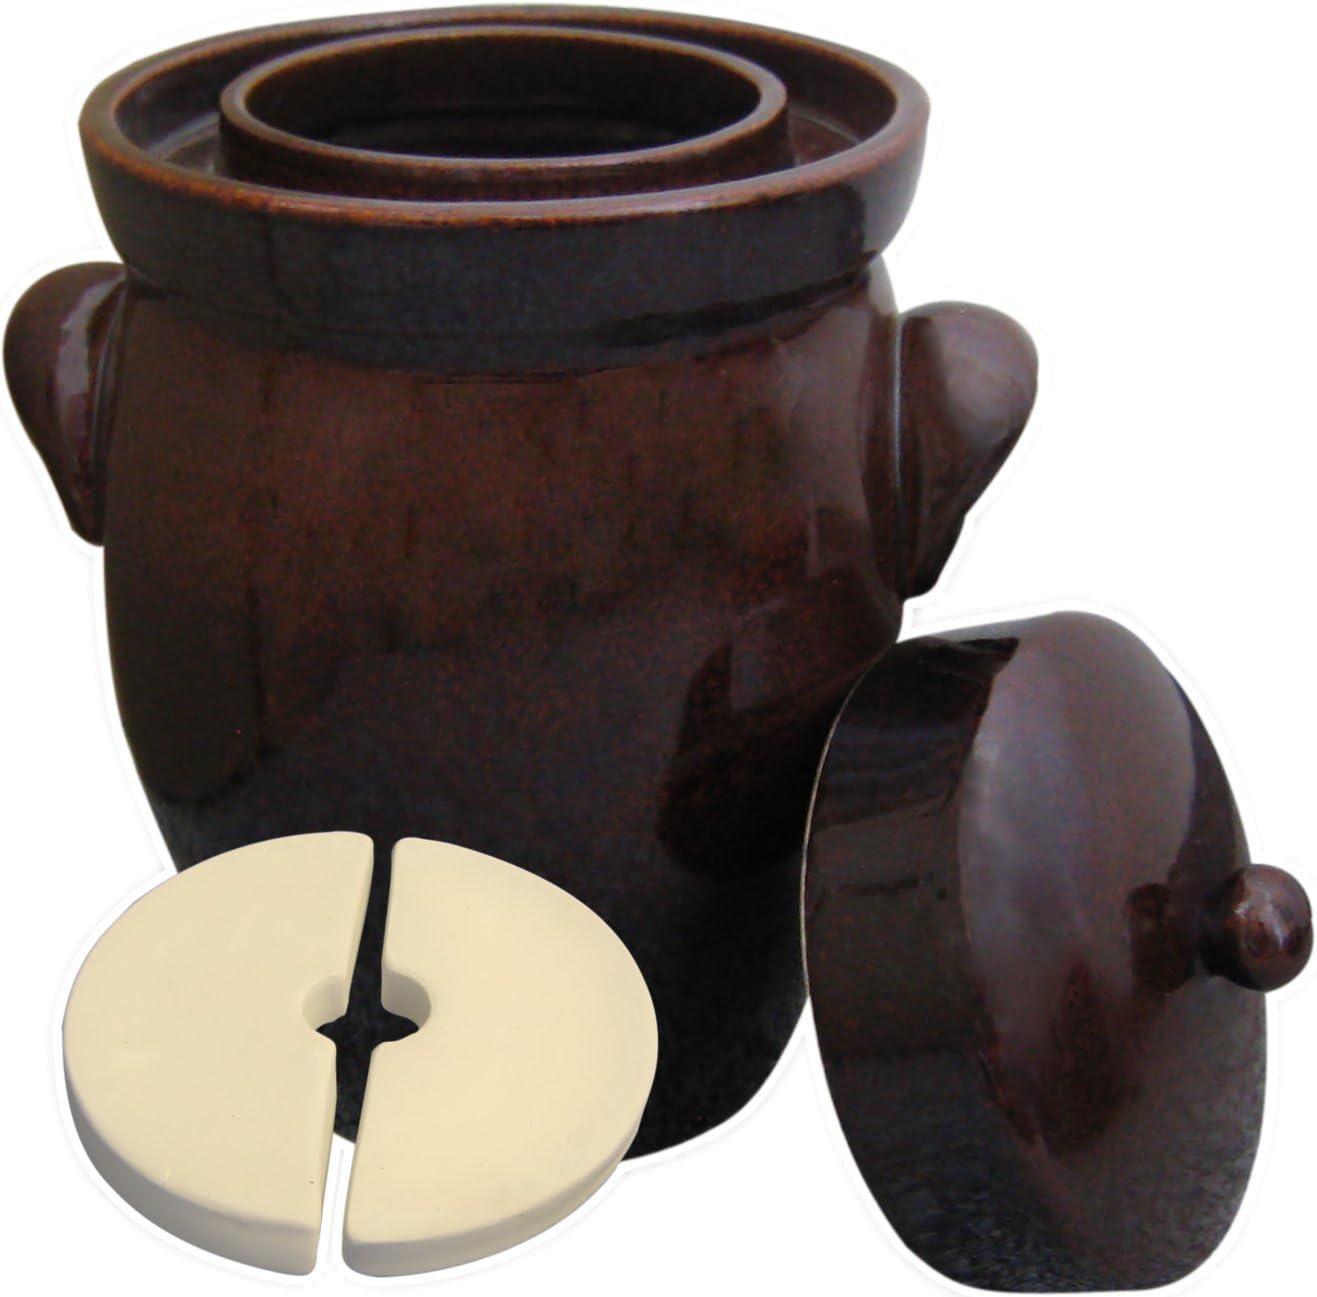 Kerazo - 5L (1.3 Gal)K&K Keramik German Made Fermenting Crock Pot, Kerazo F2